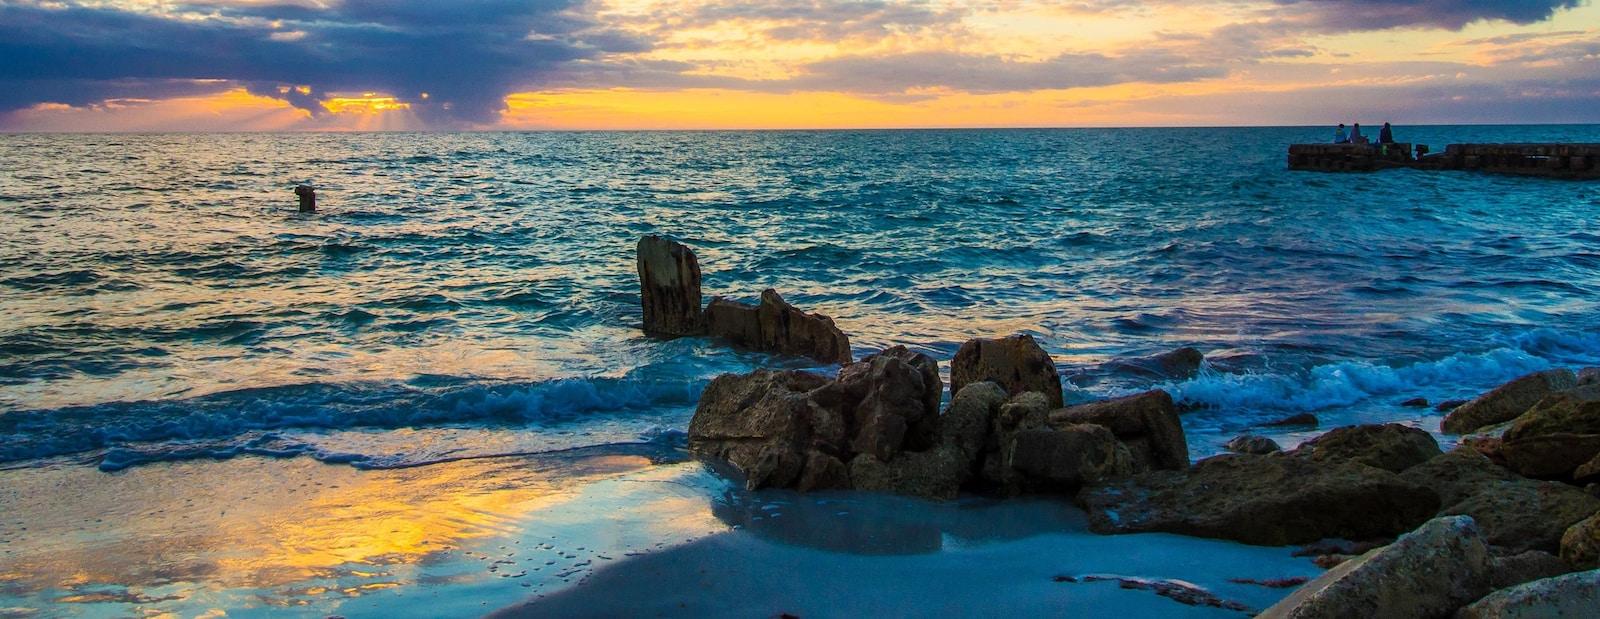 珊瑚角的度假屋